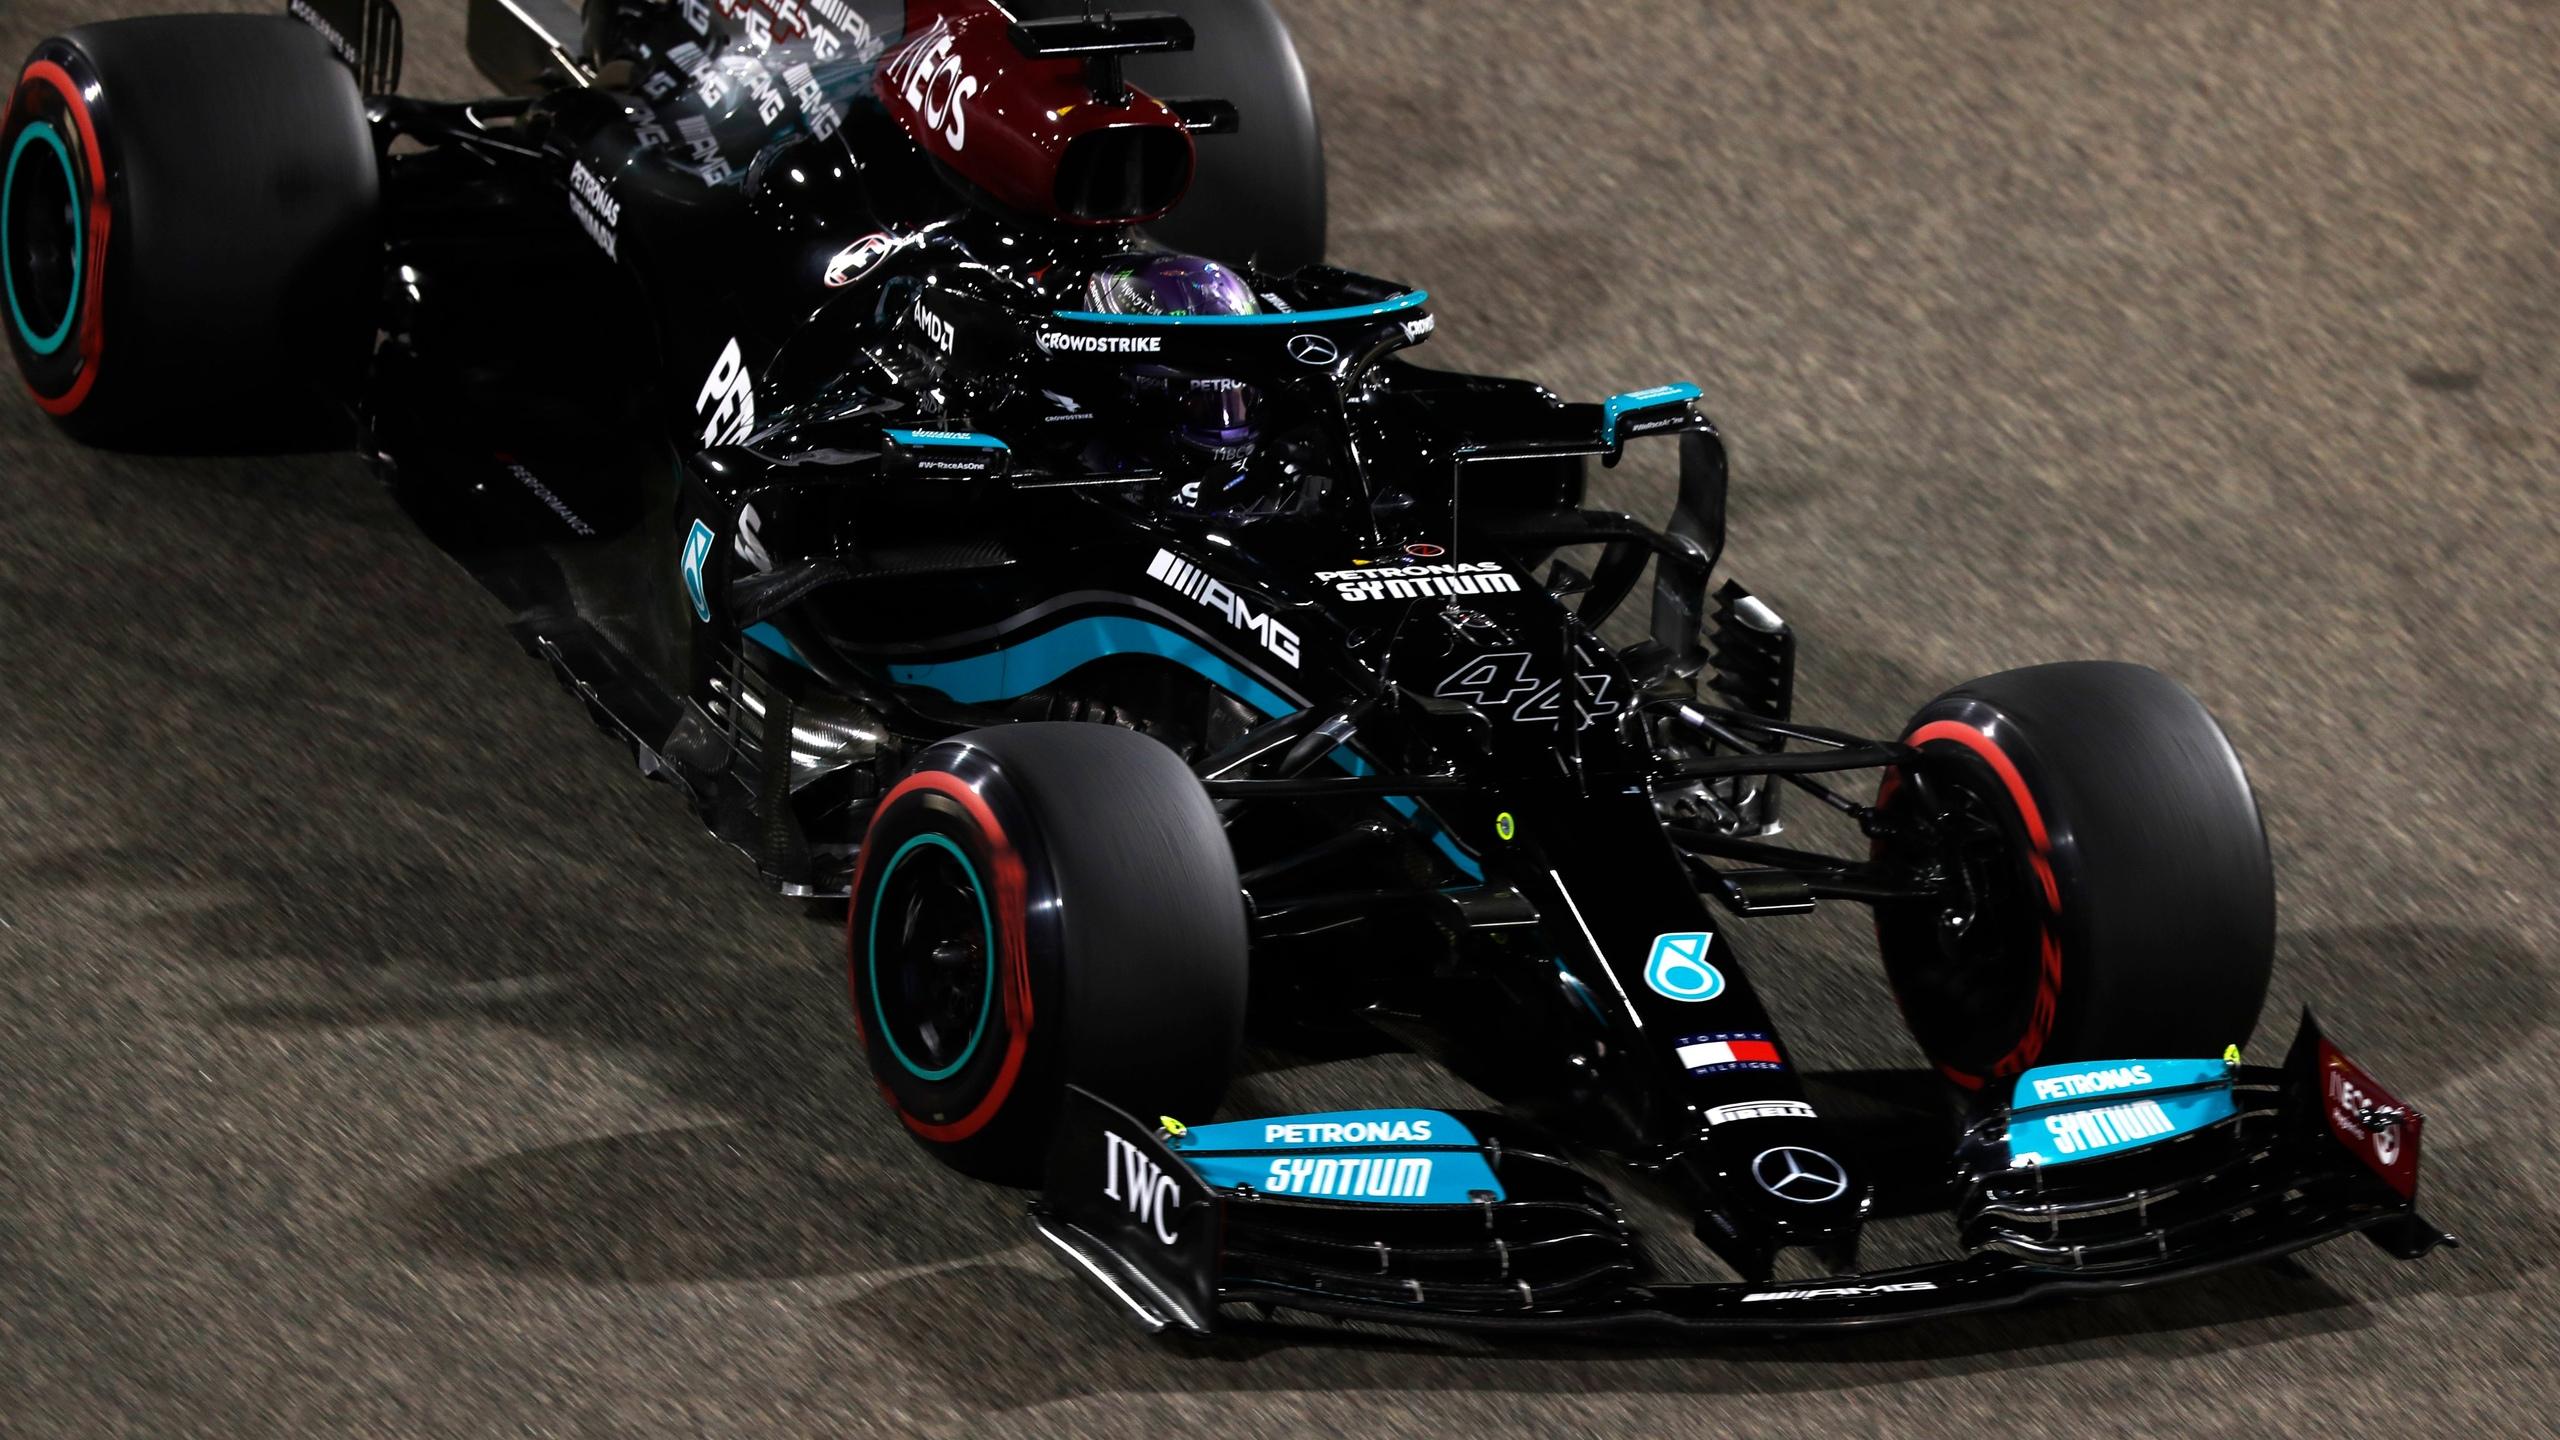 Льюис Хэмилтон возглавил личный зачёт Ф1 2021 после гонки в Бахрейне